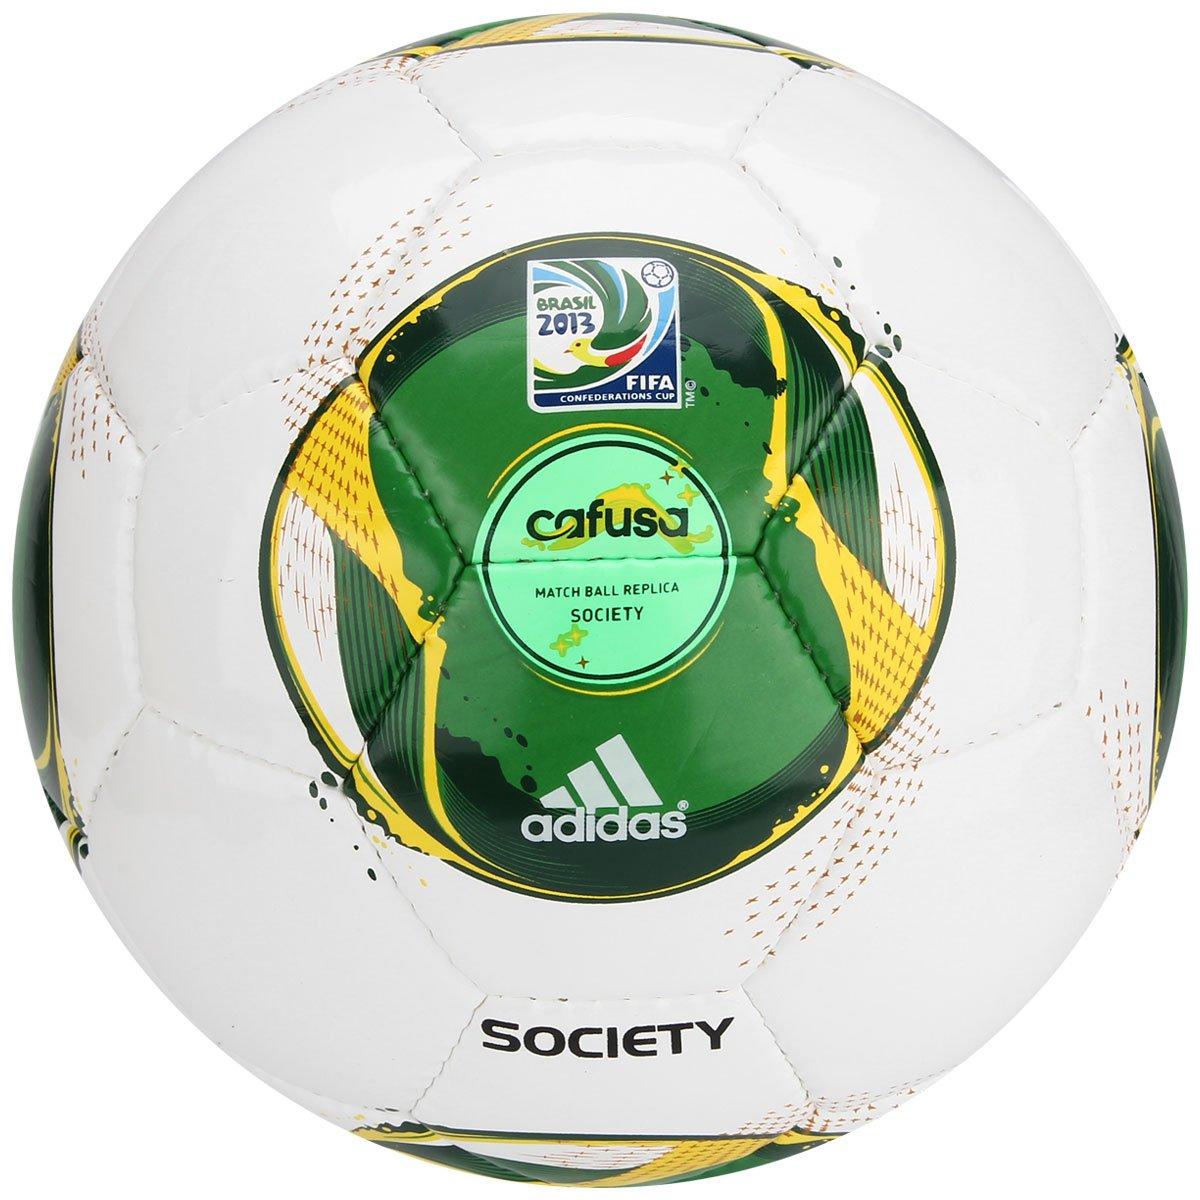 4bc321ecf58c9 Bola Futebol Adidas Cafusa Copa das Confederações Society - Compre Agora